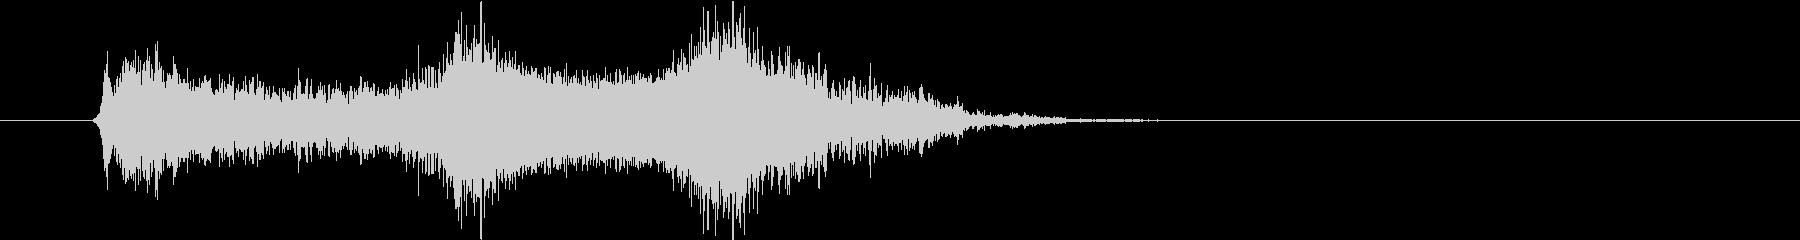 タイトルロゴ|デジタル Aの未再生の波形